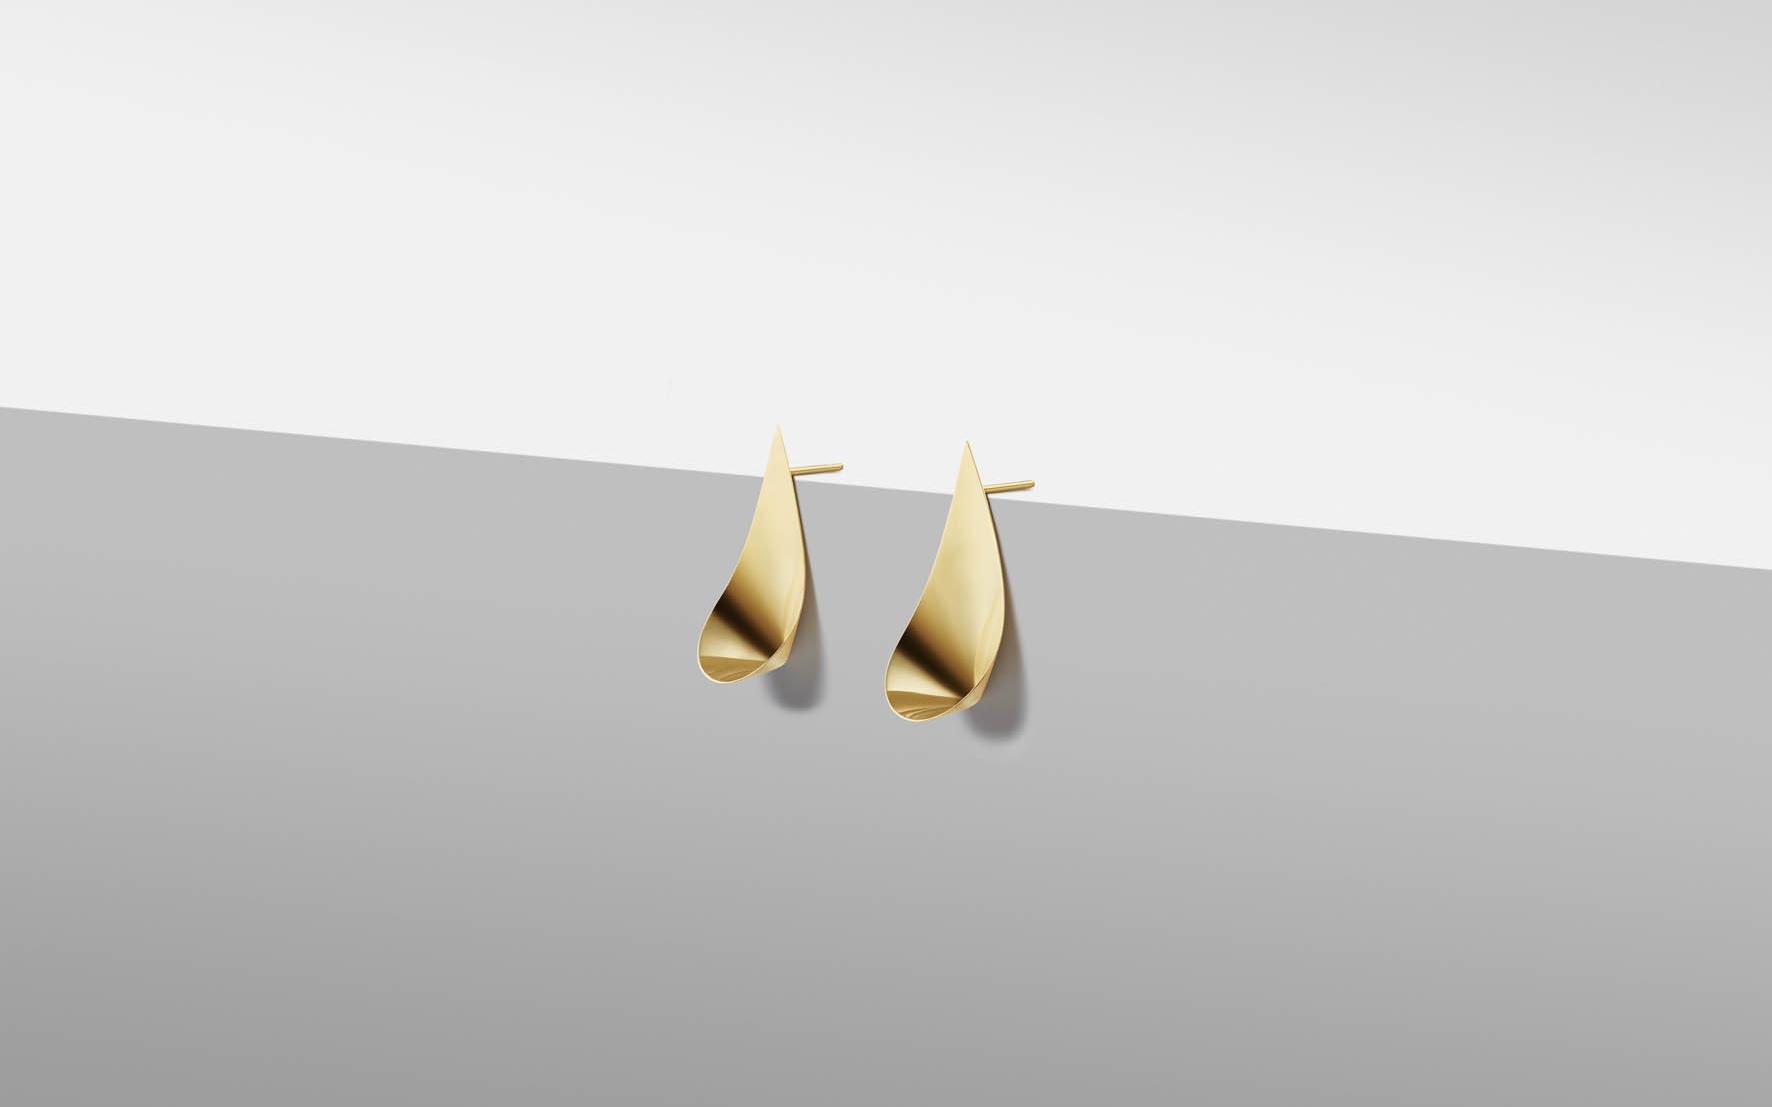 MISUI presenta LEAF, su nueva colección de joyas inspirada en la naturaleza